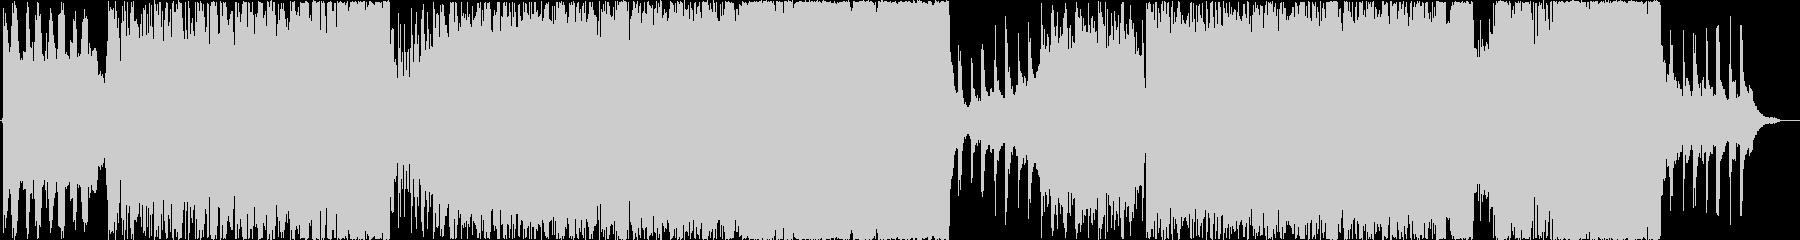 オーケストラとシンセサイザーの壮大BGMの未再生の波形